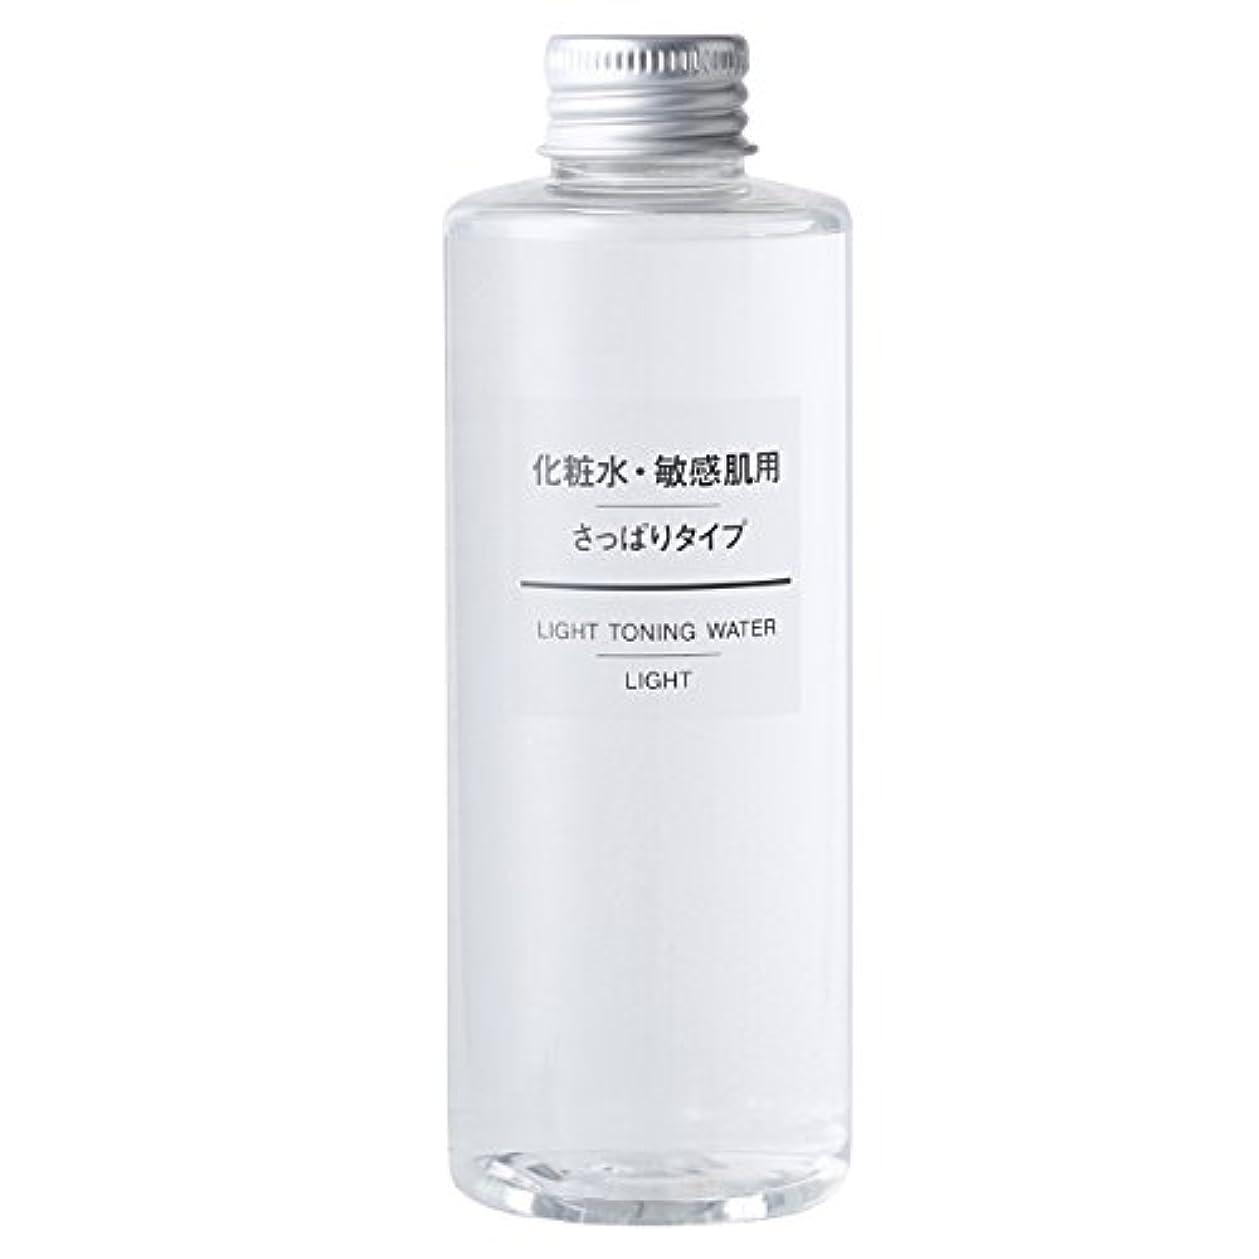 ケイ素トマト破滅的な無印良品 化粧水?敏感肌用?さっぱりタイプ 200mL